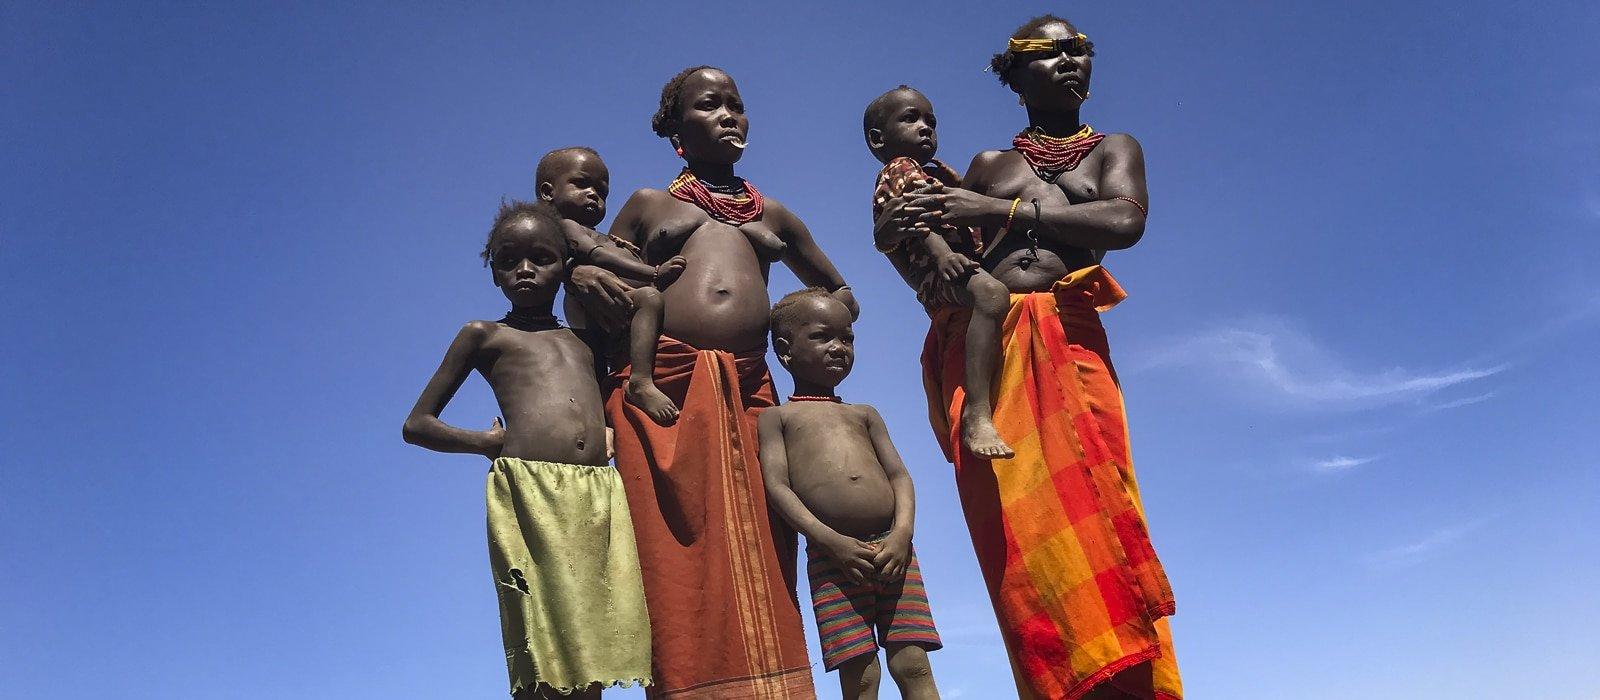 Voyage organisé en petit groupe - Ethnie Dessanetch - Éthiopie - Agence de voyage Les Routes du Monde